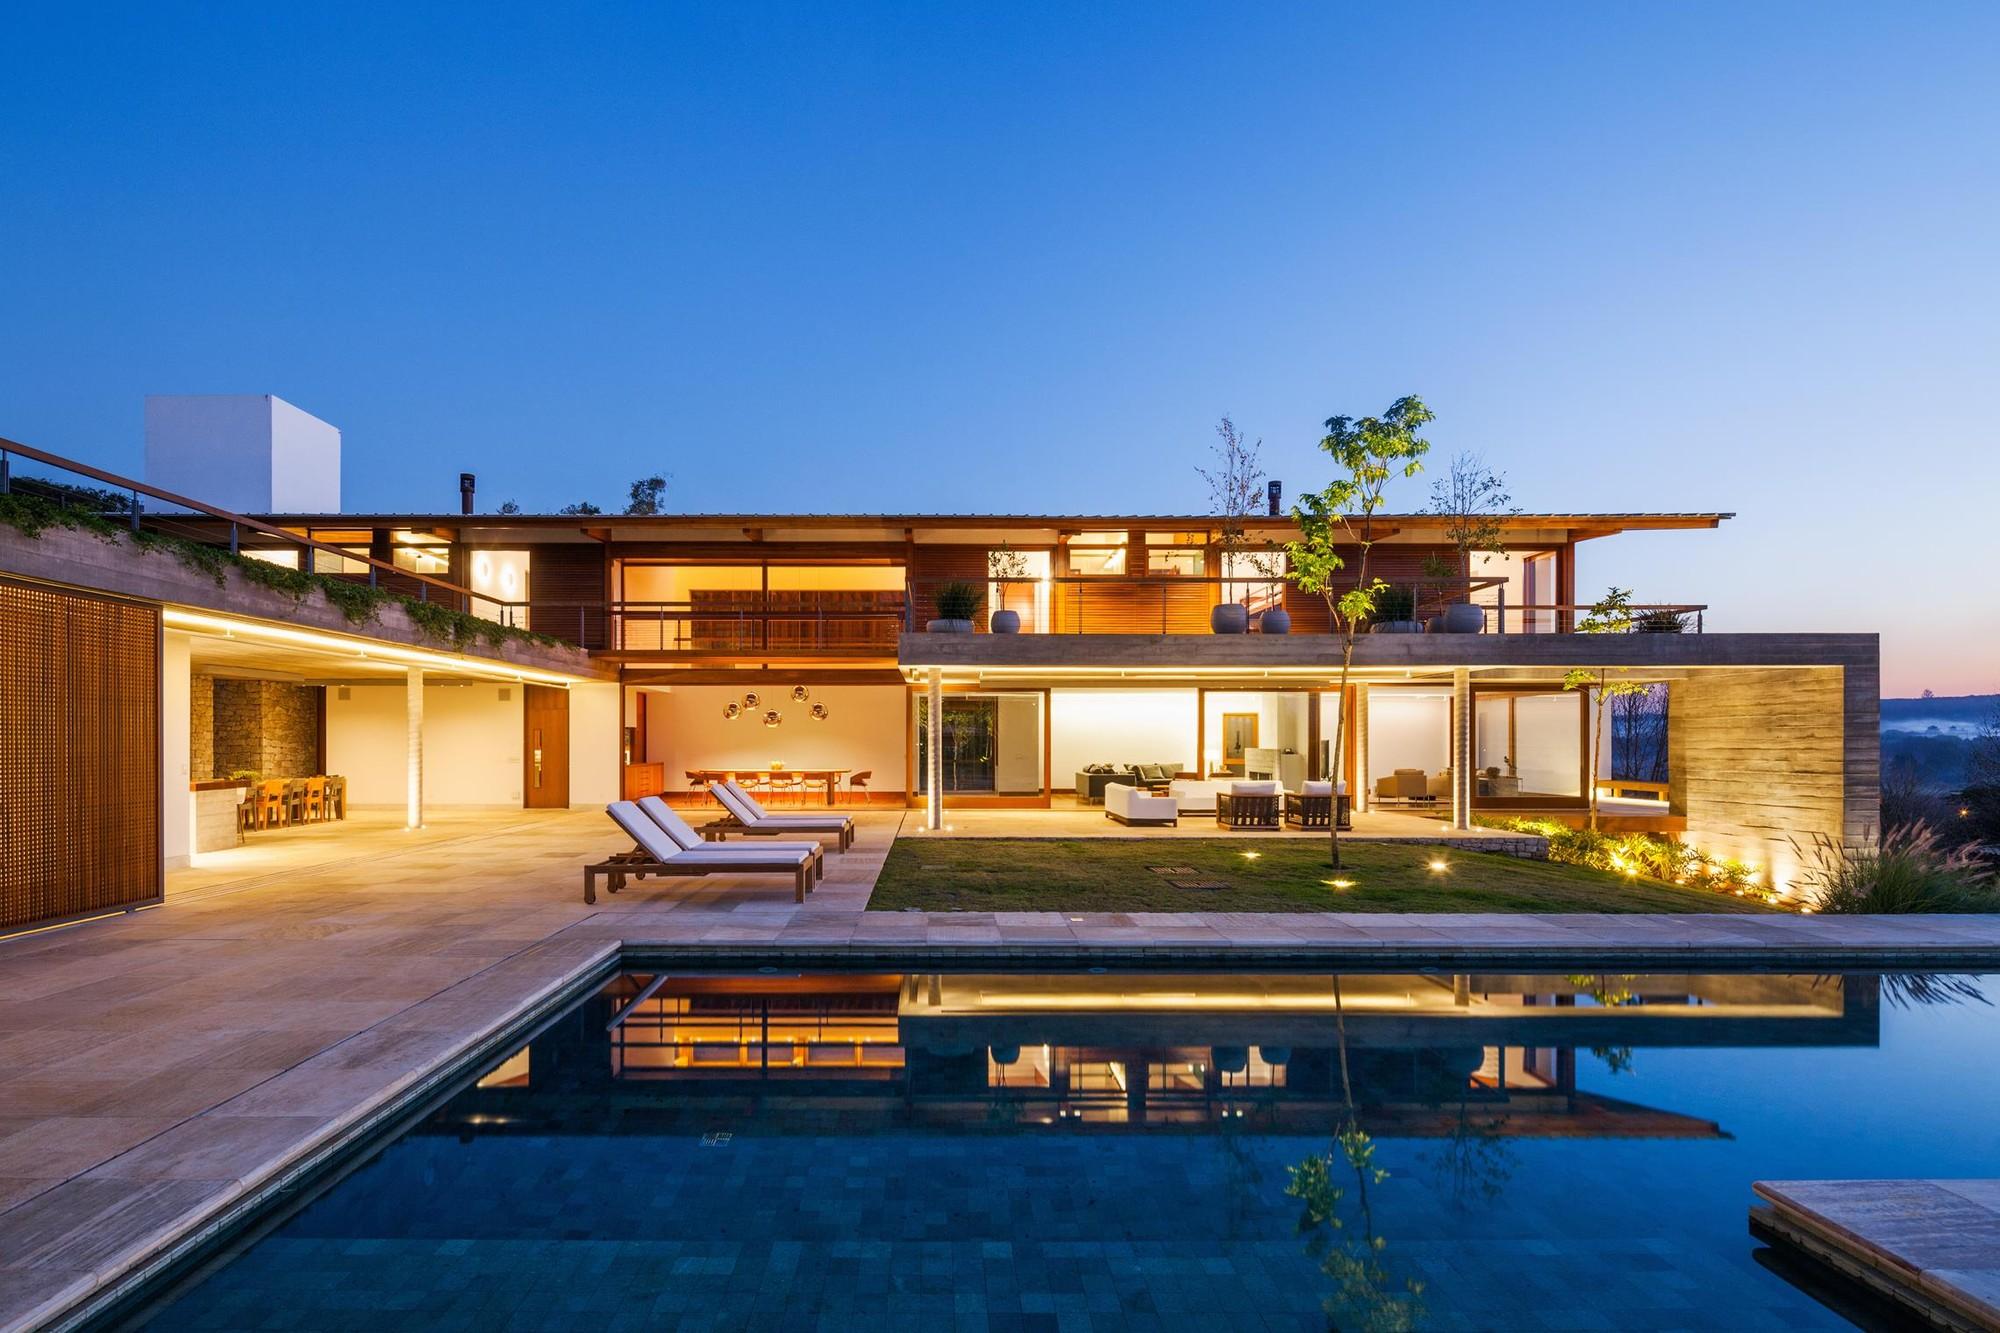 Residência FT / Reinach Mendonça Arquitetos Associados, © Nelson Kon